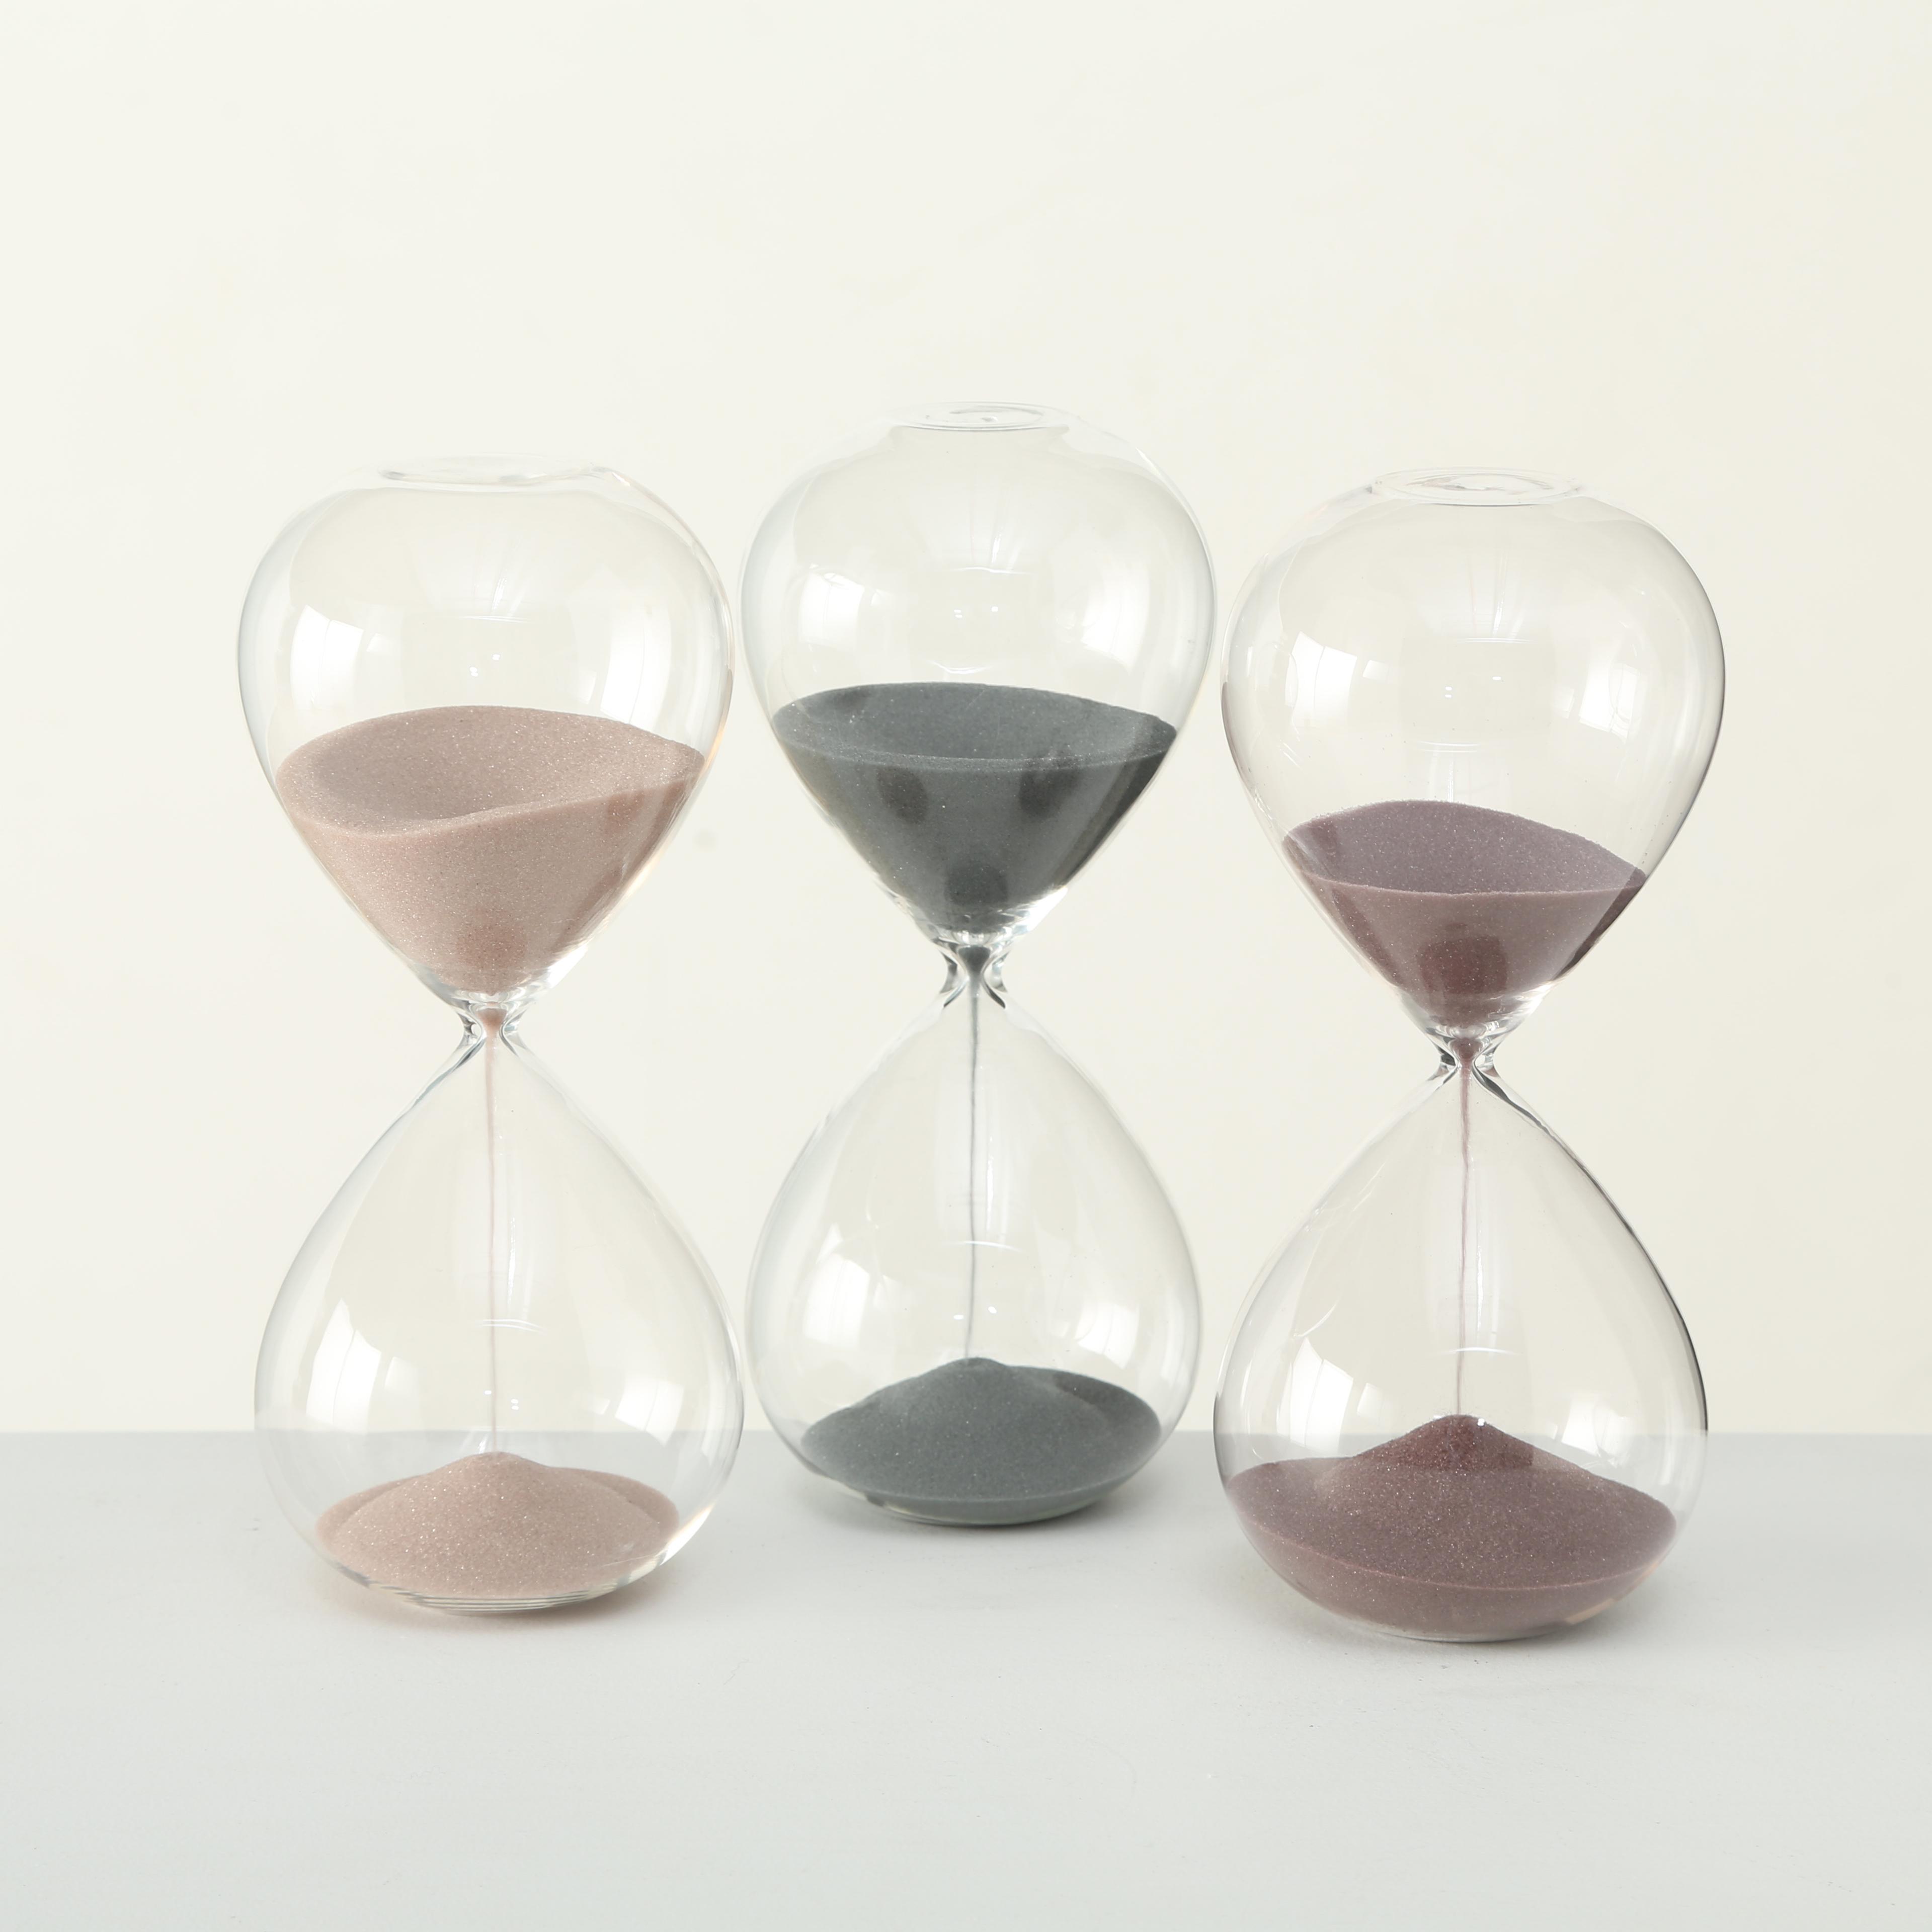 Boltz Dekoratívne presýpacie hodiny 1 ks